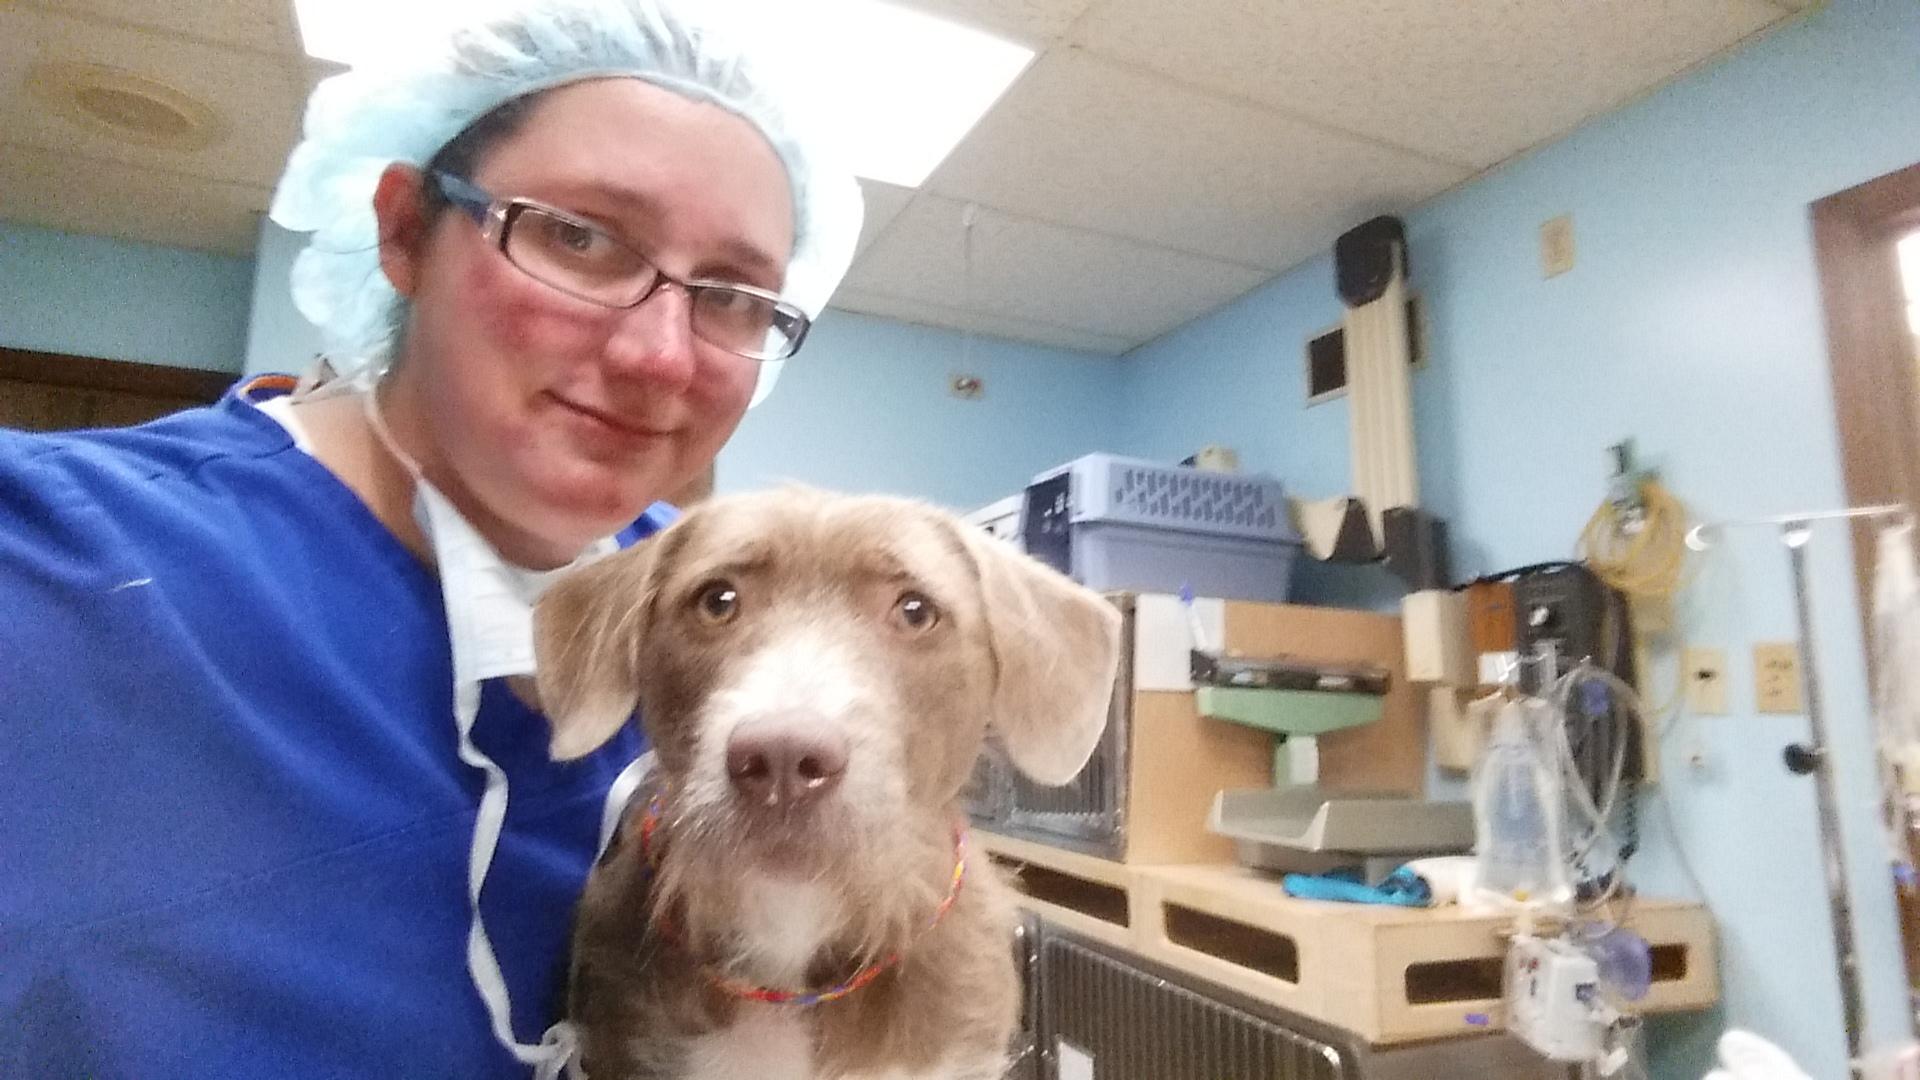 Cynthia & shelter dog